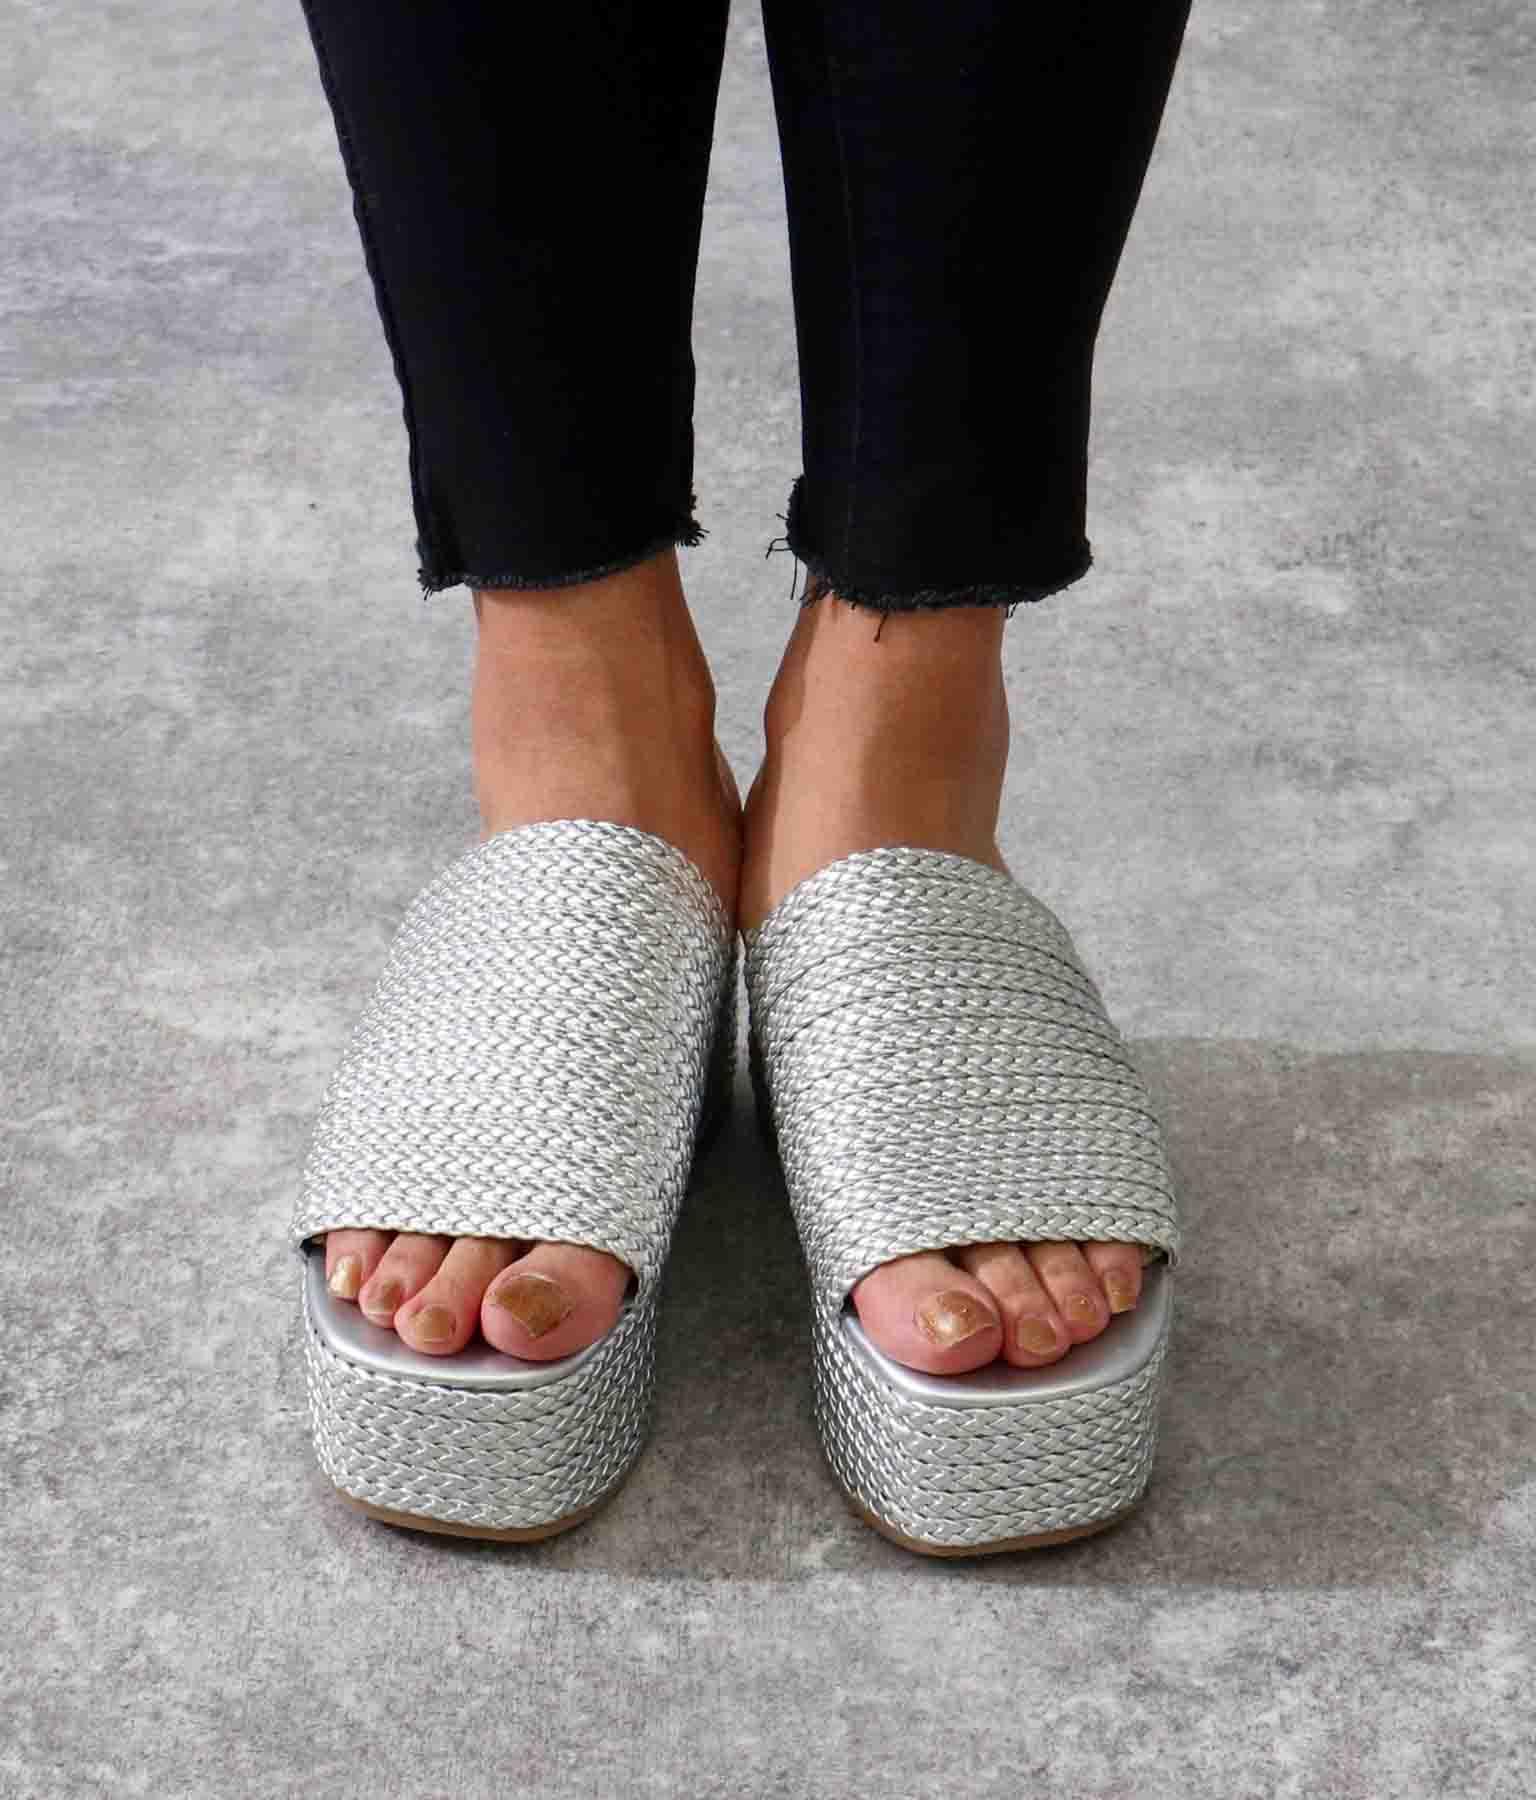 ジュートプラットフォームサンダル(シューズ・靴/サンダル) | ANAP